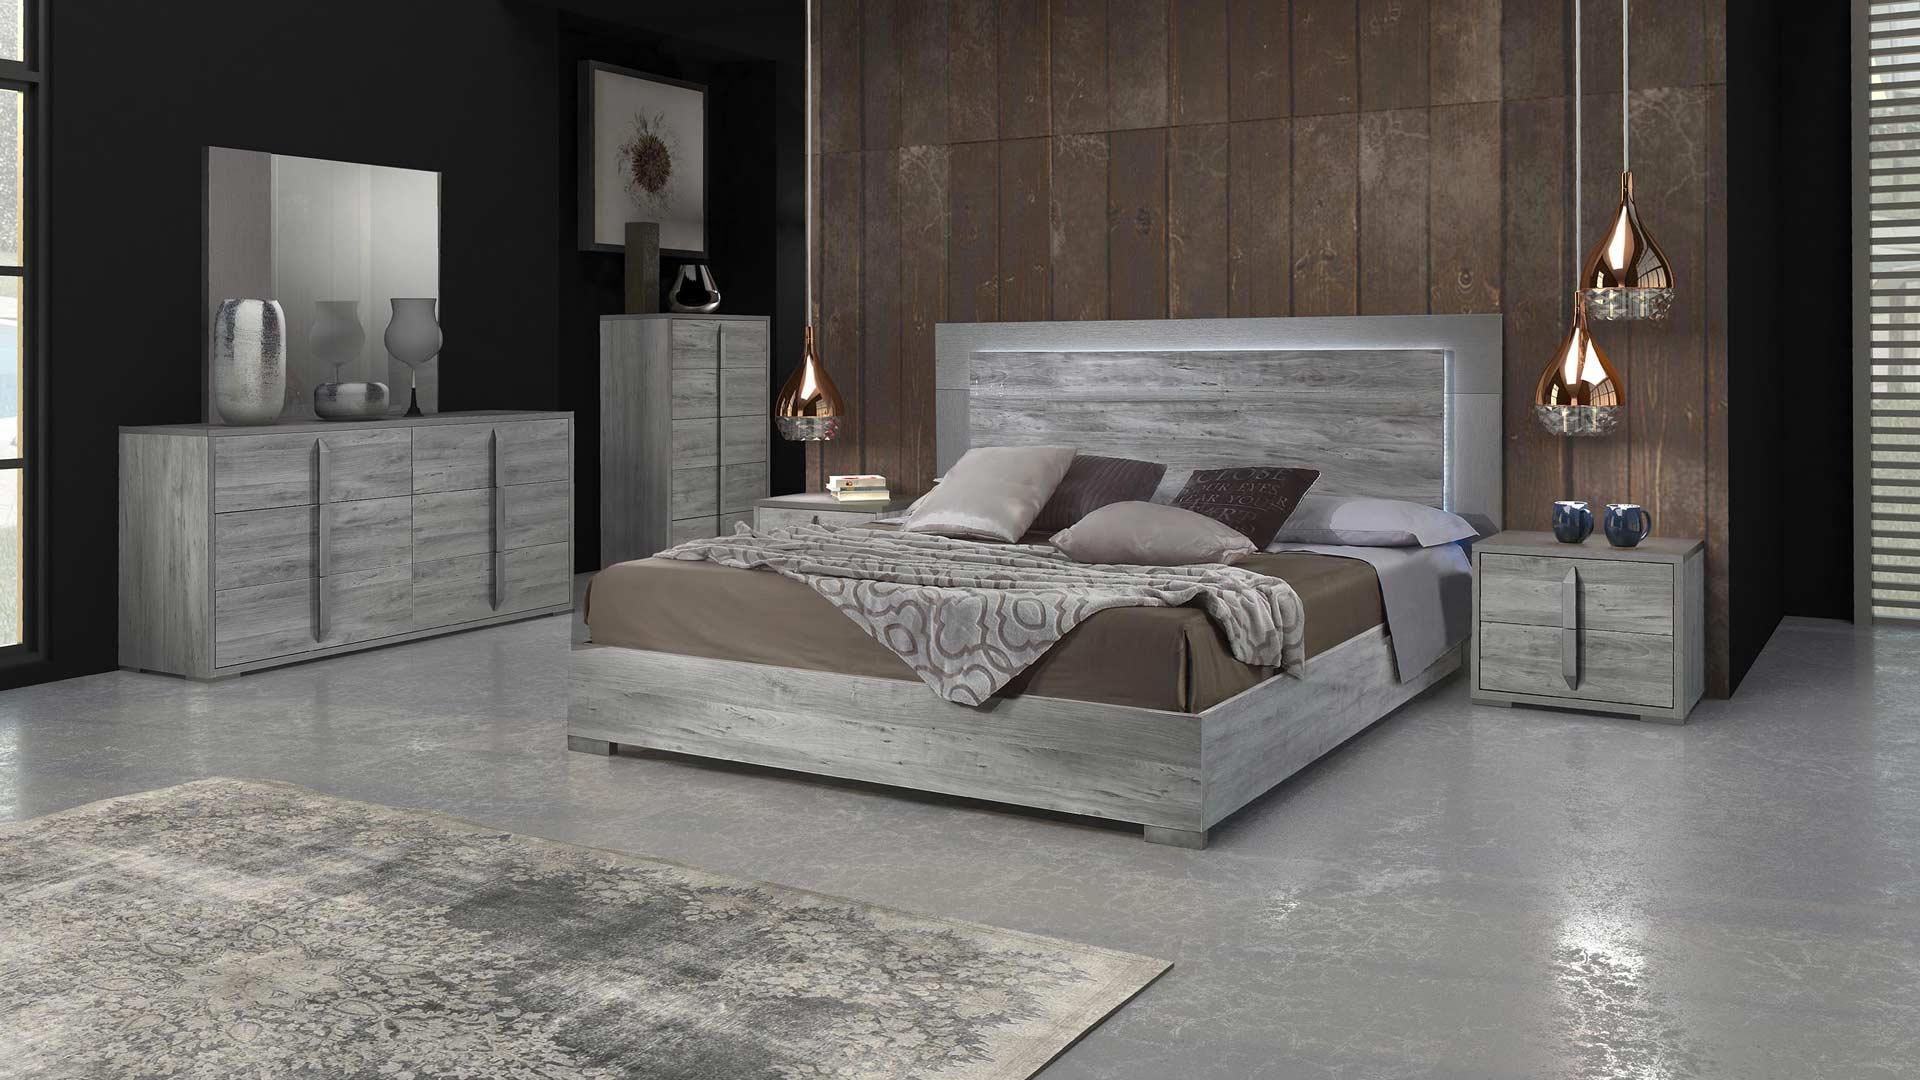 evelyn zona Notte Moderno legno